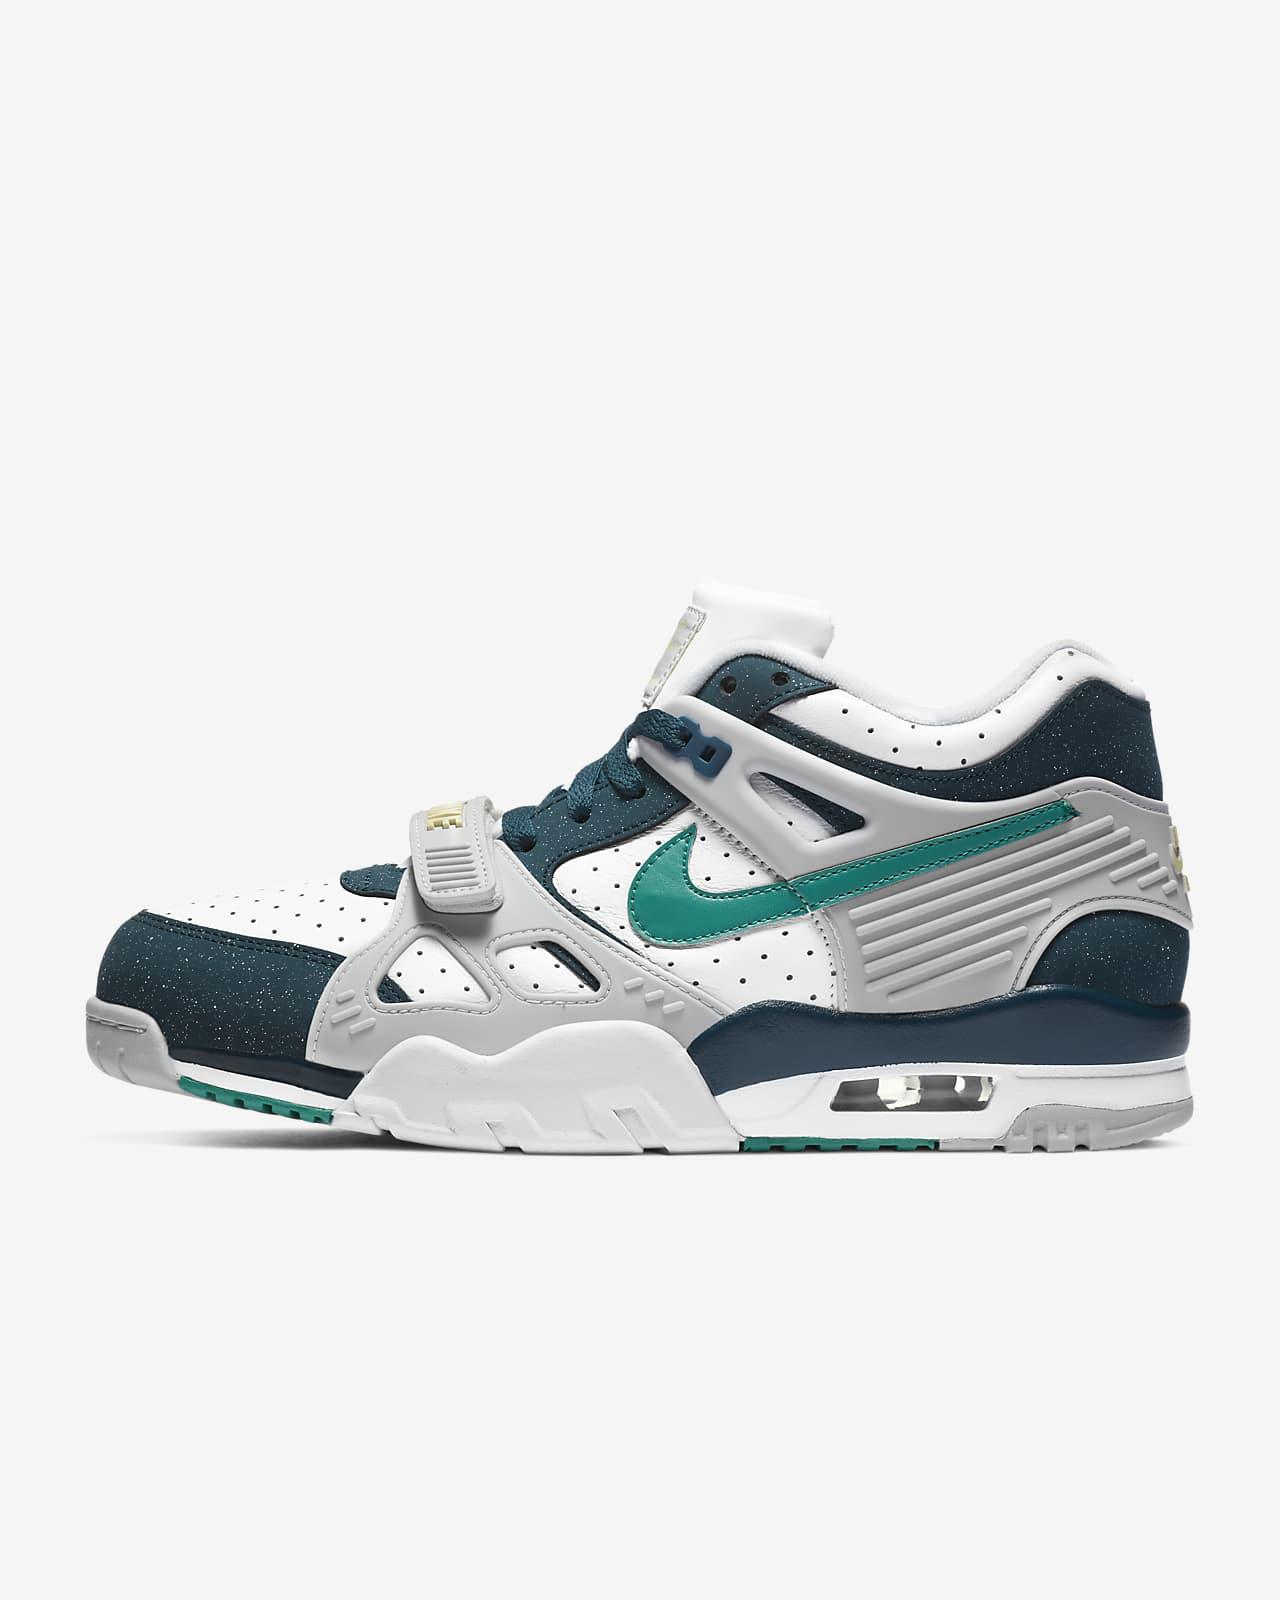 Nike Air Trainer 3 Men's Shoe